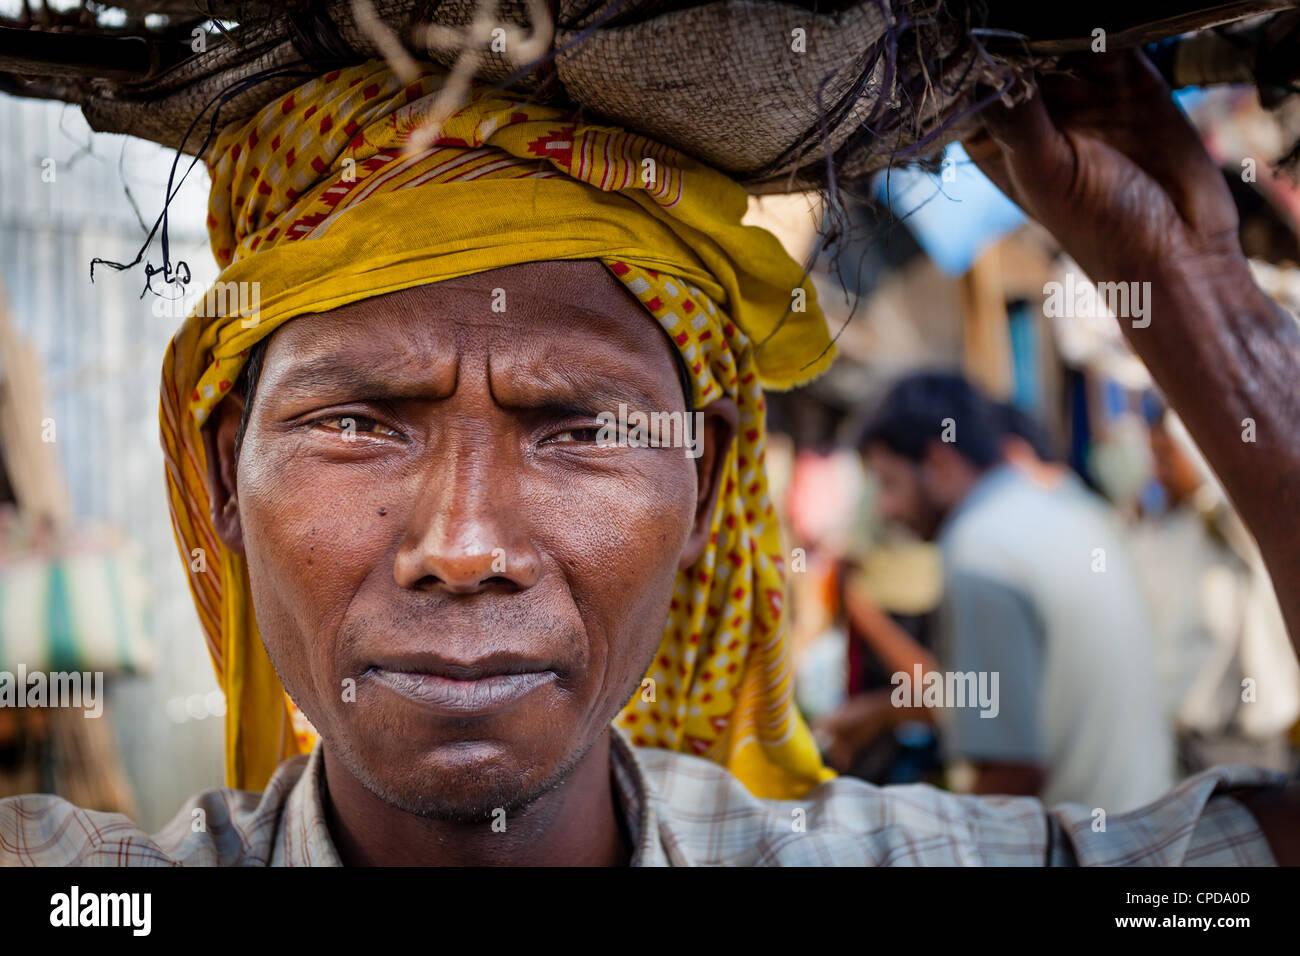 Porträt eines manuellen Arbeiters von Kalkutta in Indien Stockbild